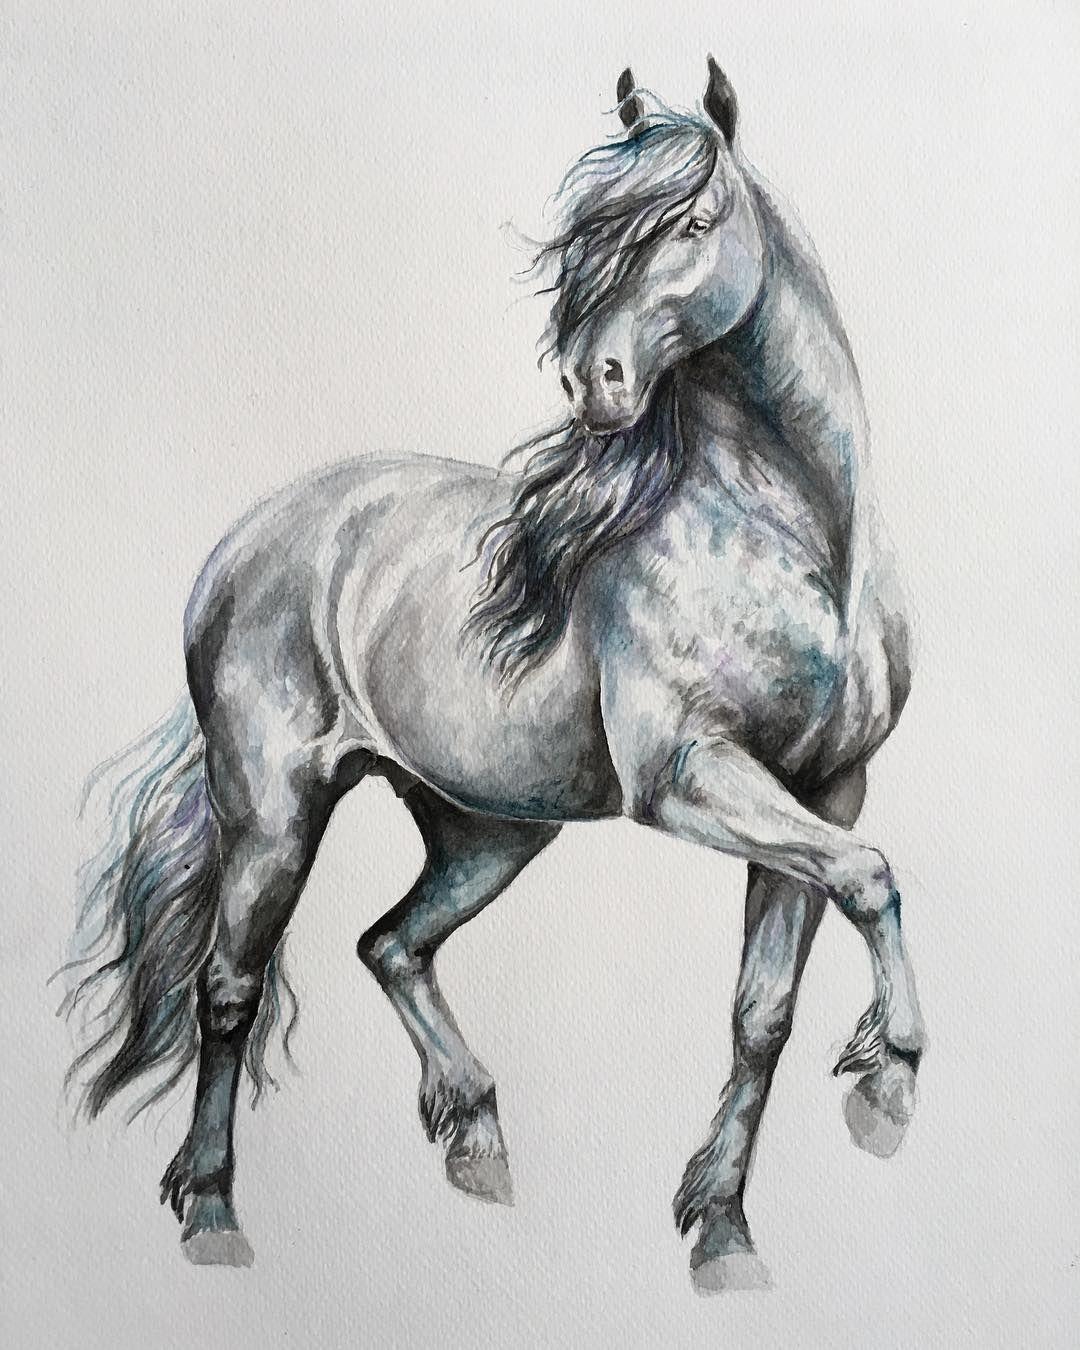 фото коня графика идеально